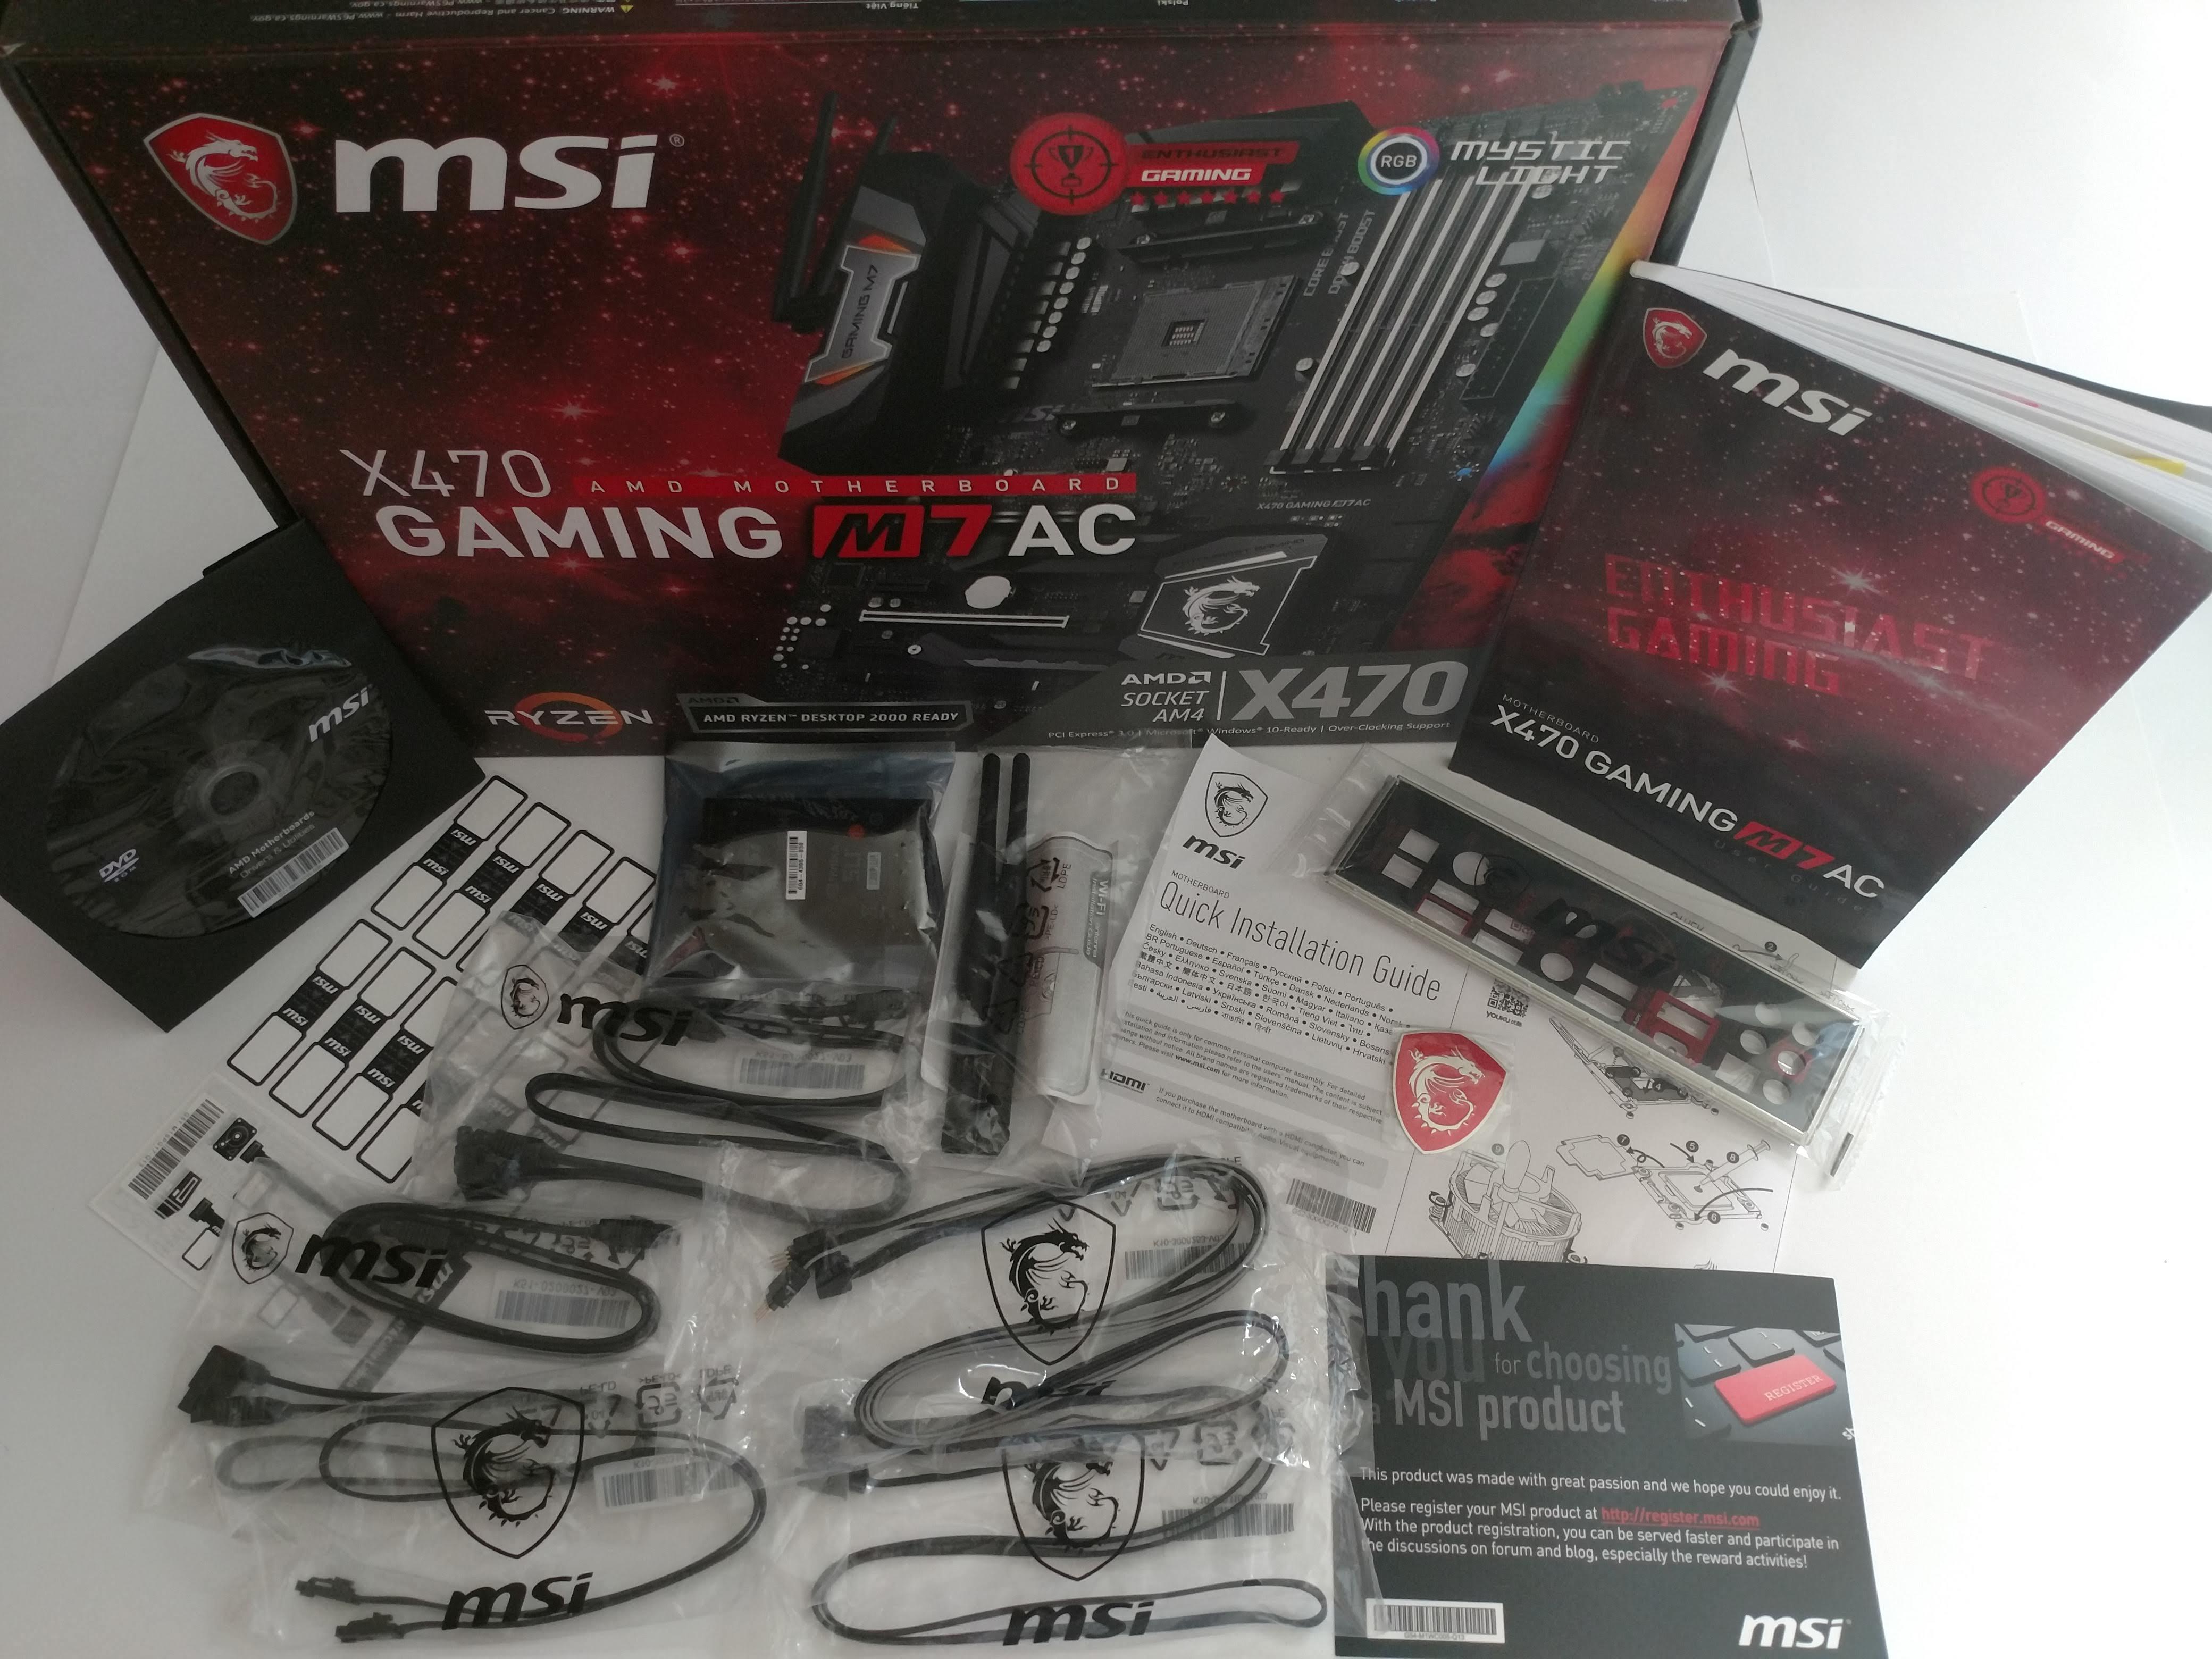 Klicken Sie auf die Grafik für eine größere Ansicht  Name:8. MSI X470 Gaming M7 AC  Karton mit Zubehör.jpg Hits:40 Größe:826,3 KB ID:1000578